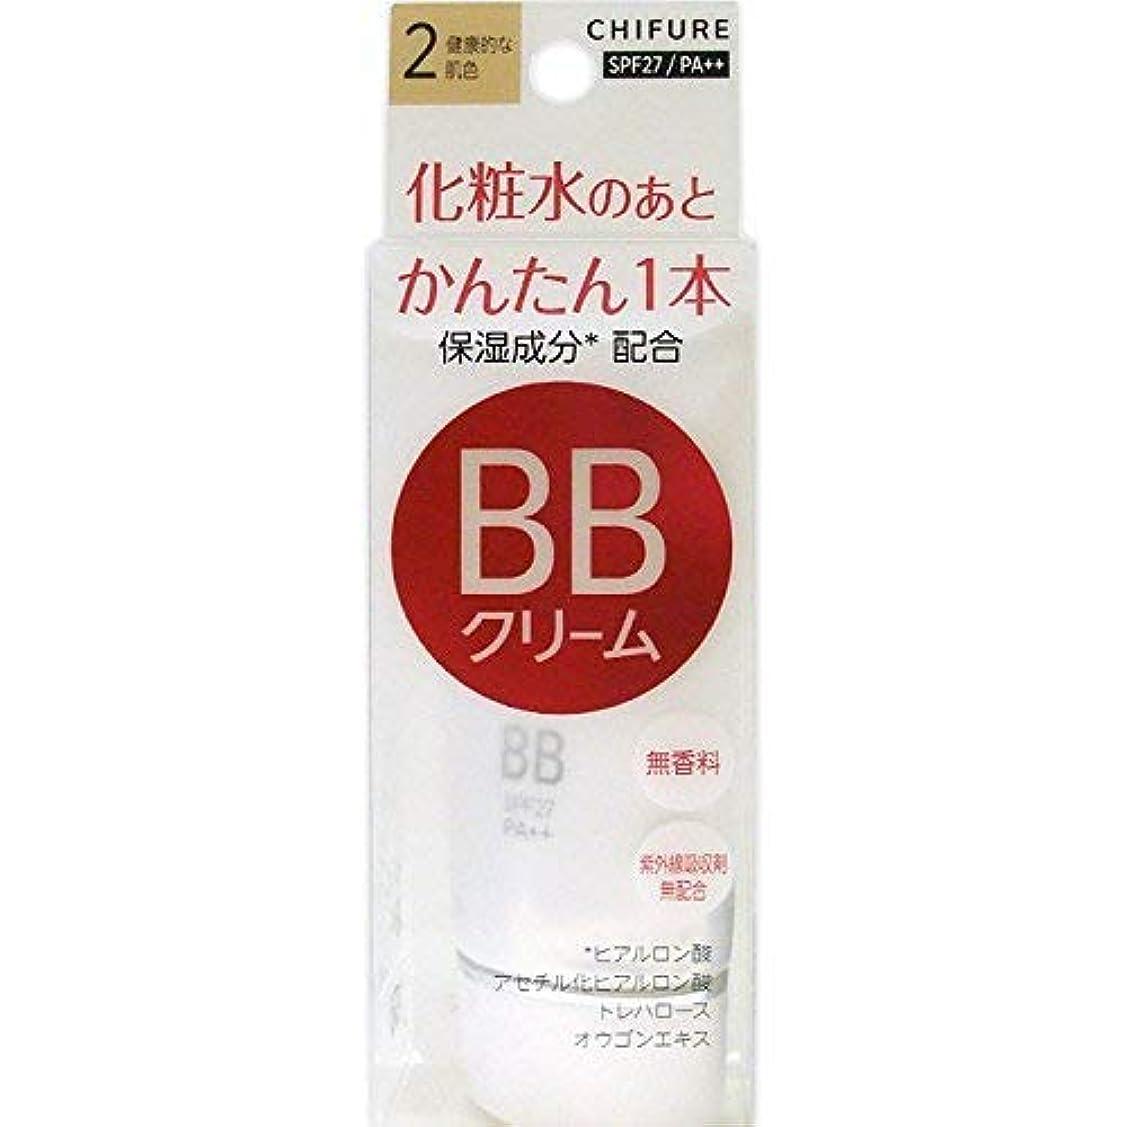 弱点タウポ湖誇張するちふれ化粧品 BB クリーム 2 健康的な肌色 BBクリーム 2